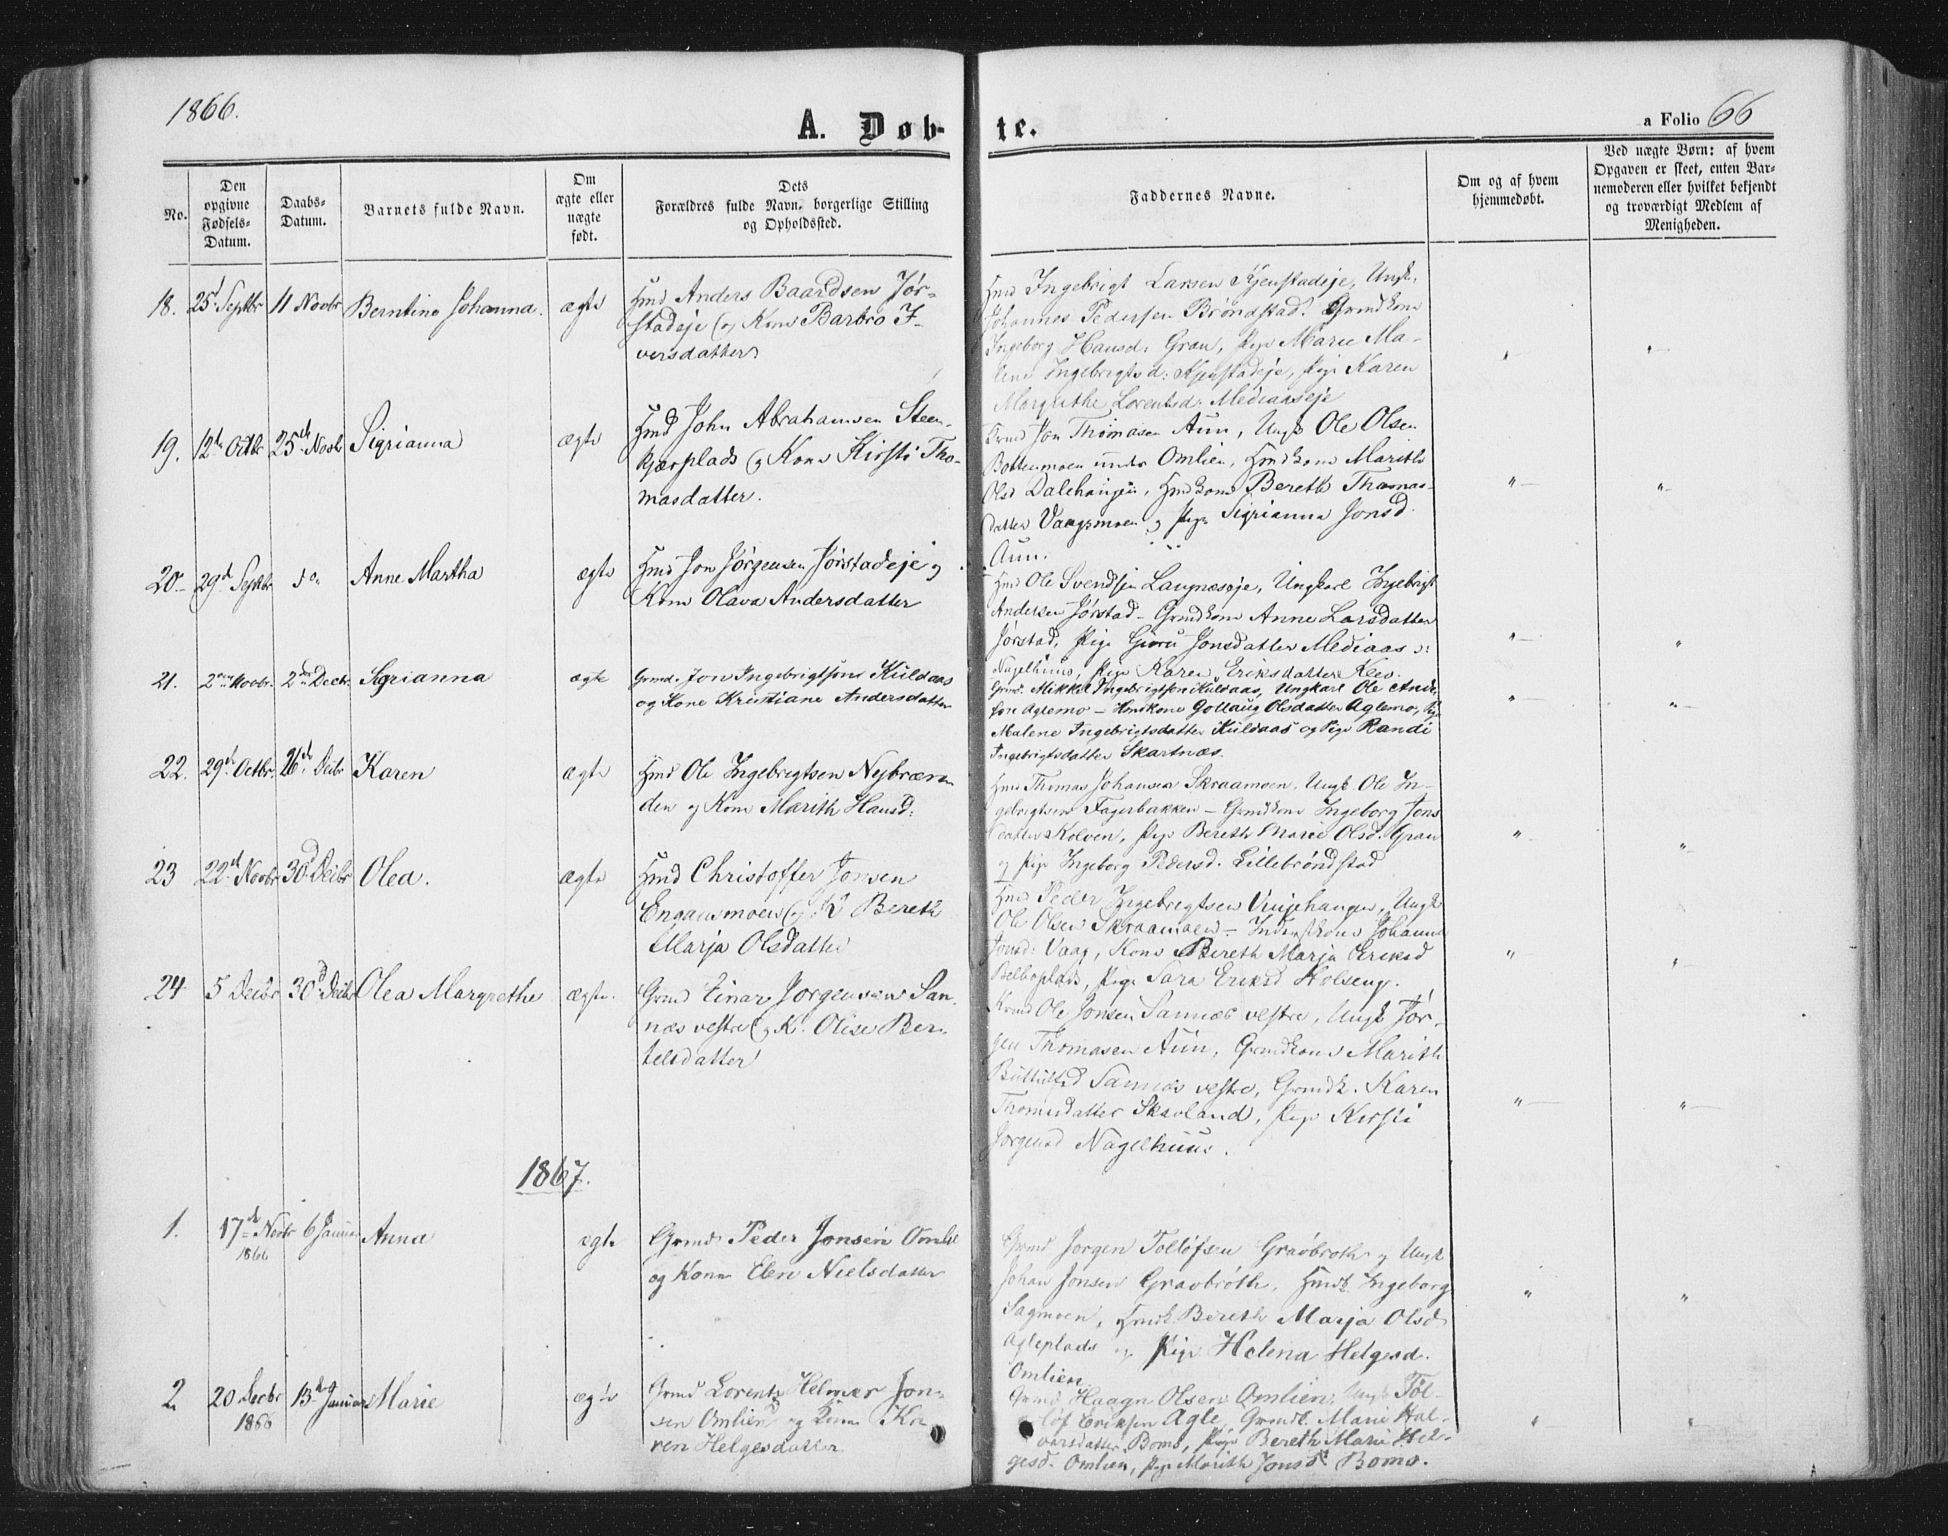 SAT, Ministerialprotokoller, klokkerbøker og fødselsregistre - Nord-Trøndelag, 749/L0472: Ministerialbok nr. 749A06, 1857-1873, s. 66